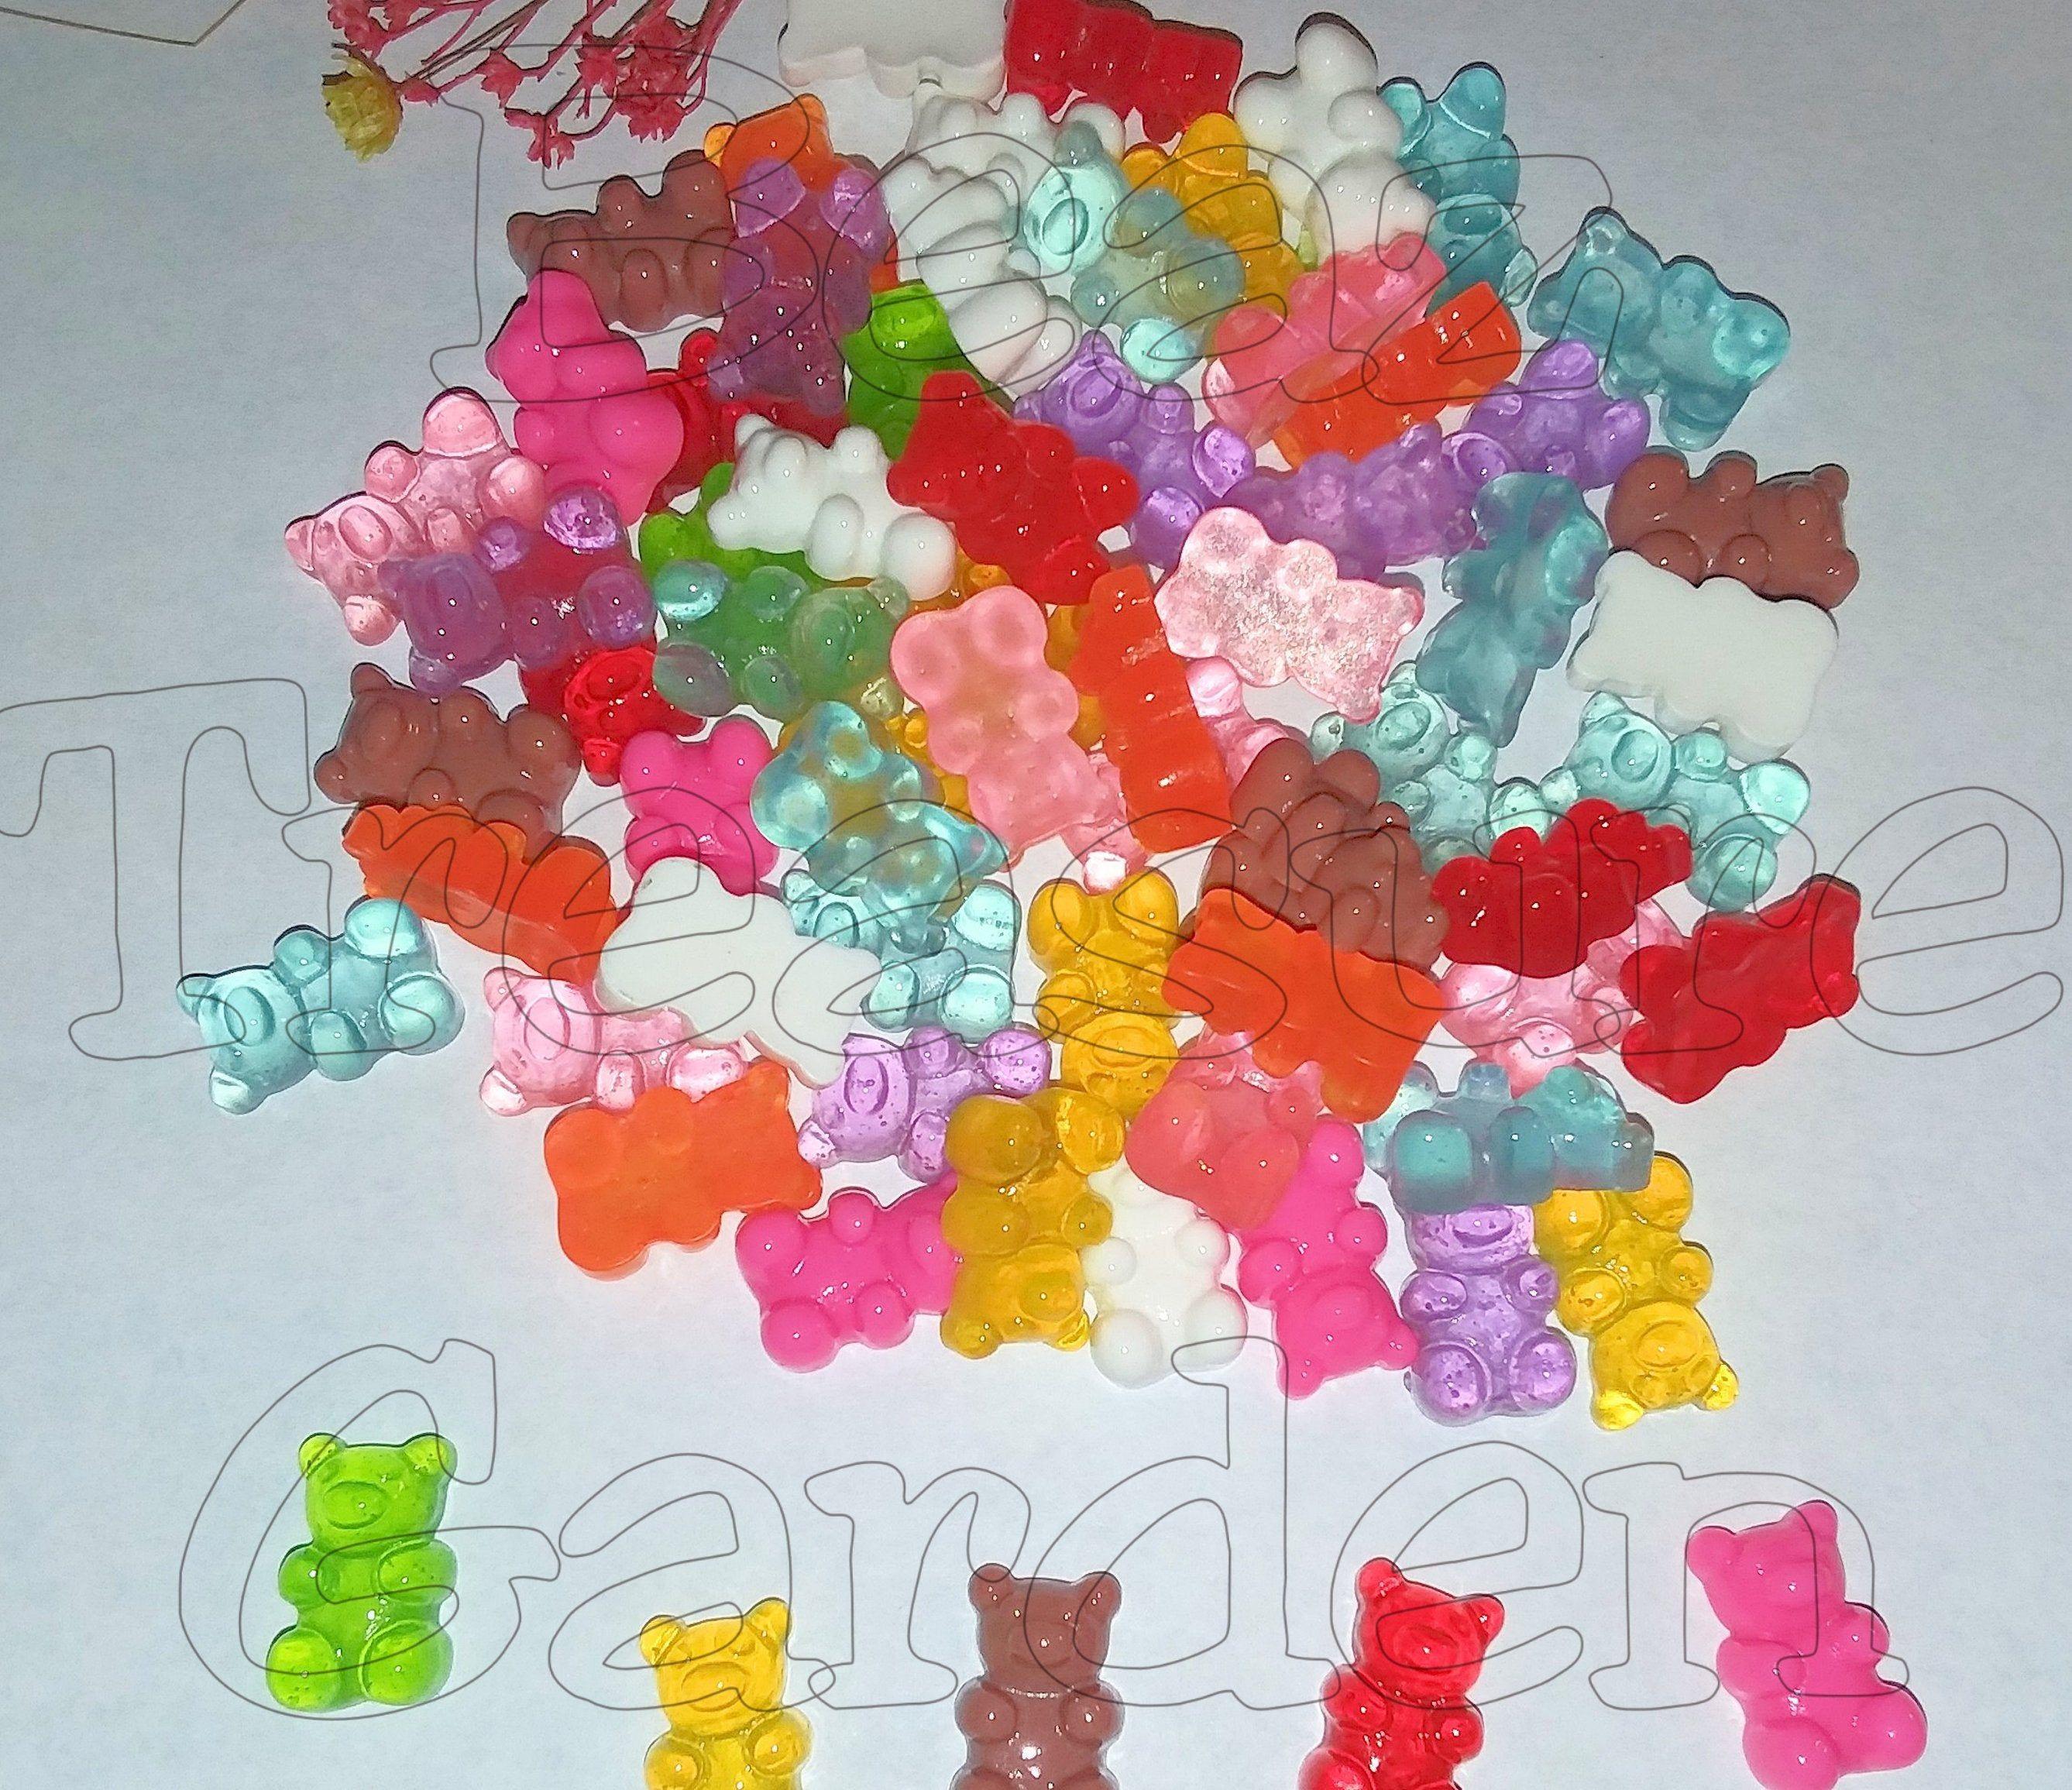 10 Pieces Tiny Miniature Colorful Gummy Bear Resin Kawaii